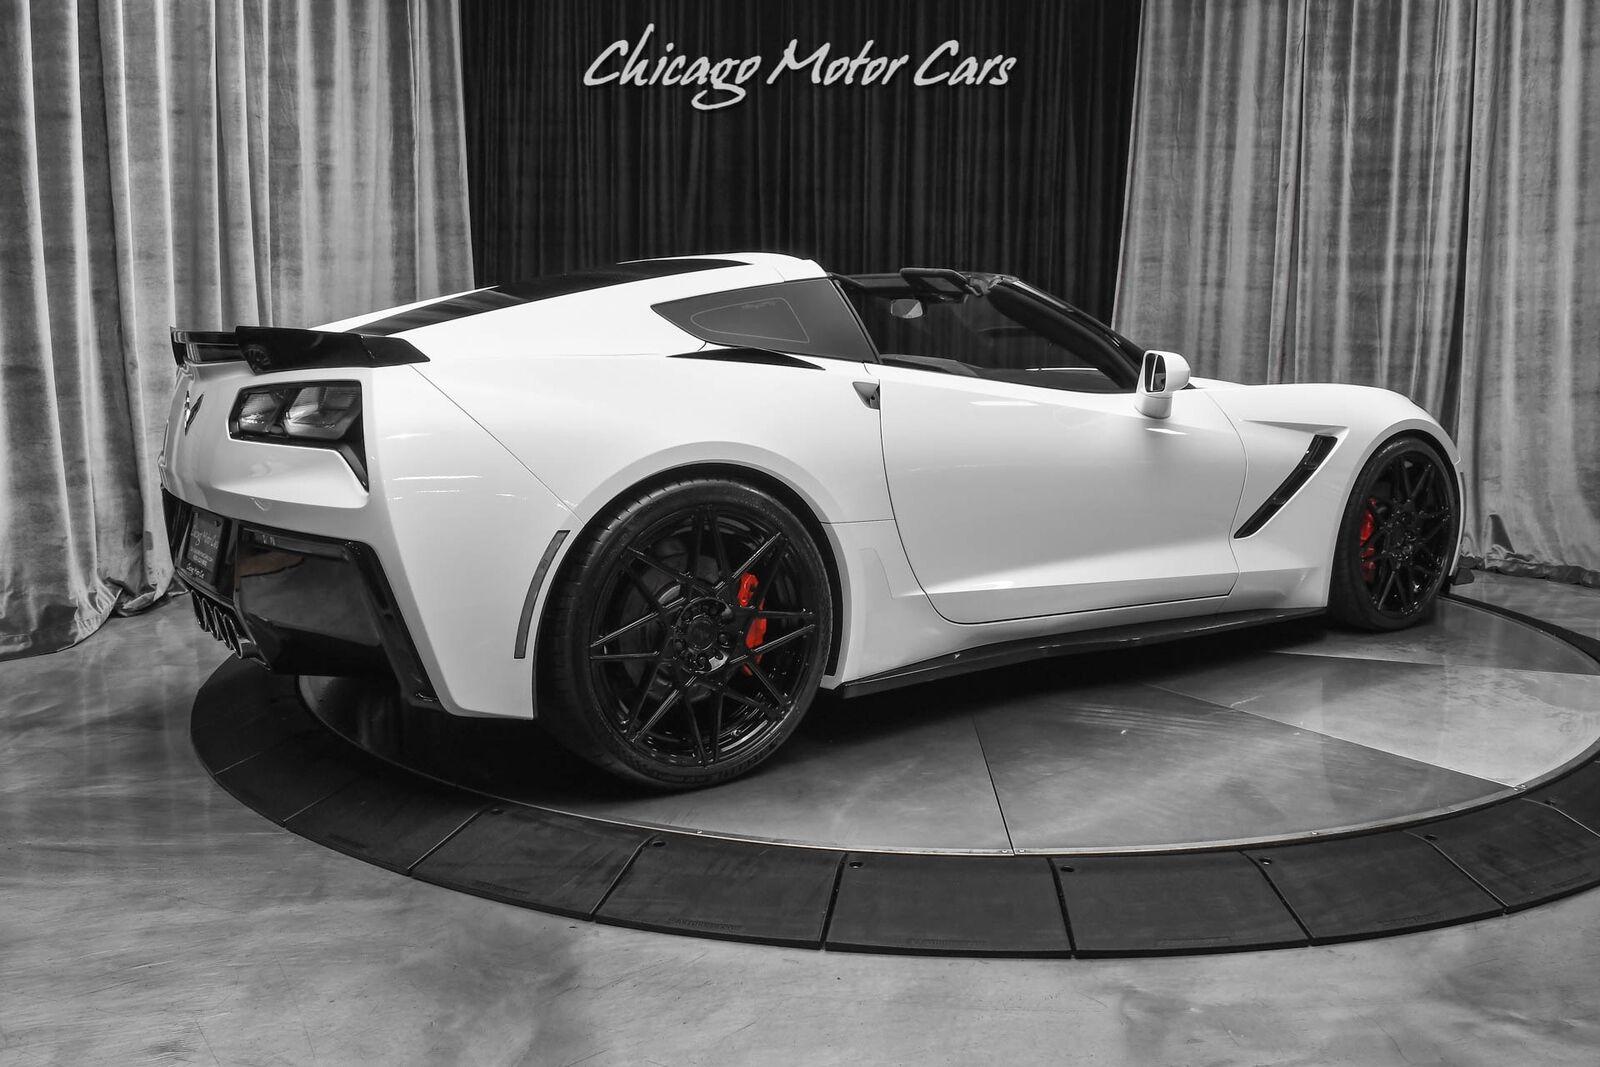 2016 White Chevrolet Corvette Stingray    C7 Corvette Photo 5